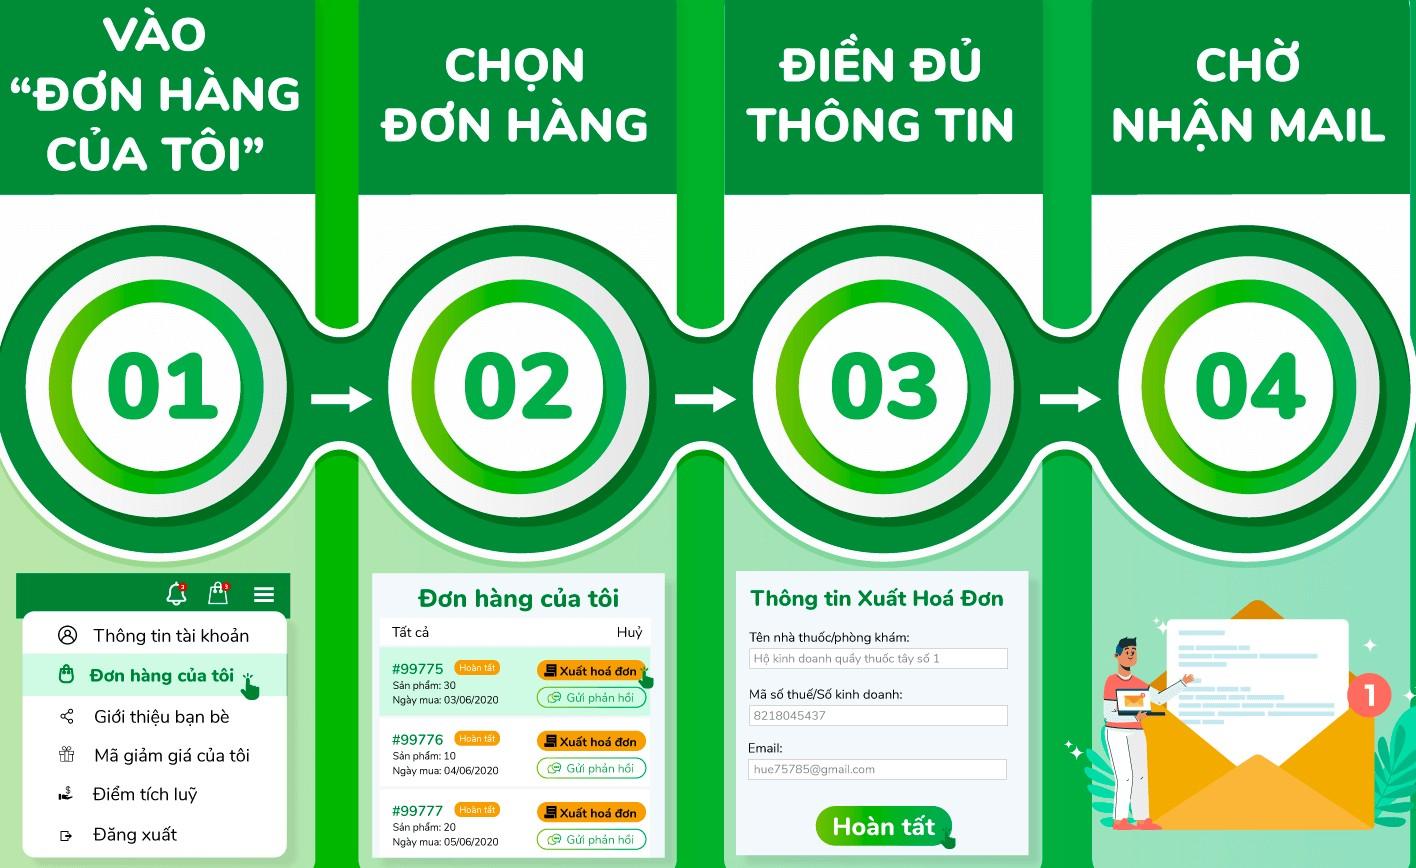 Người dùng khi truy cập Thuocsi.vn sẽ được hướng dẫn chi tiết nhờ tính năng Onboarding Toolkit.